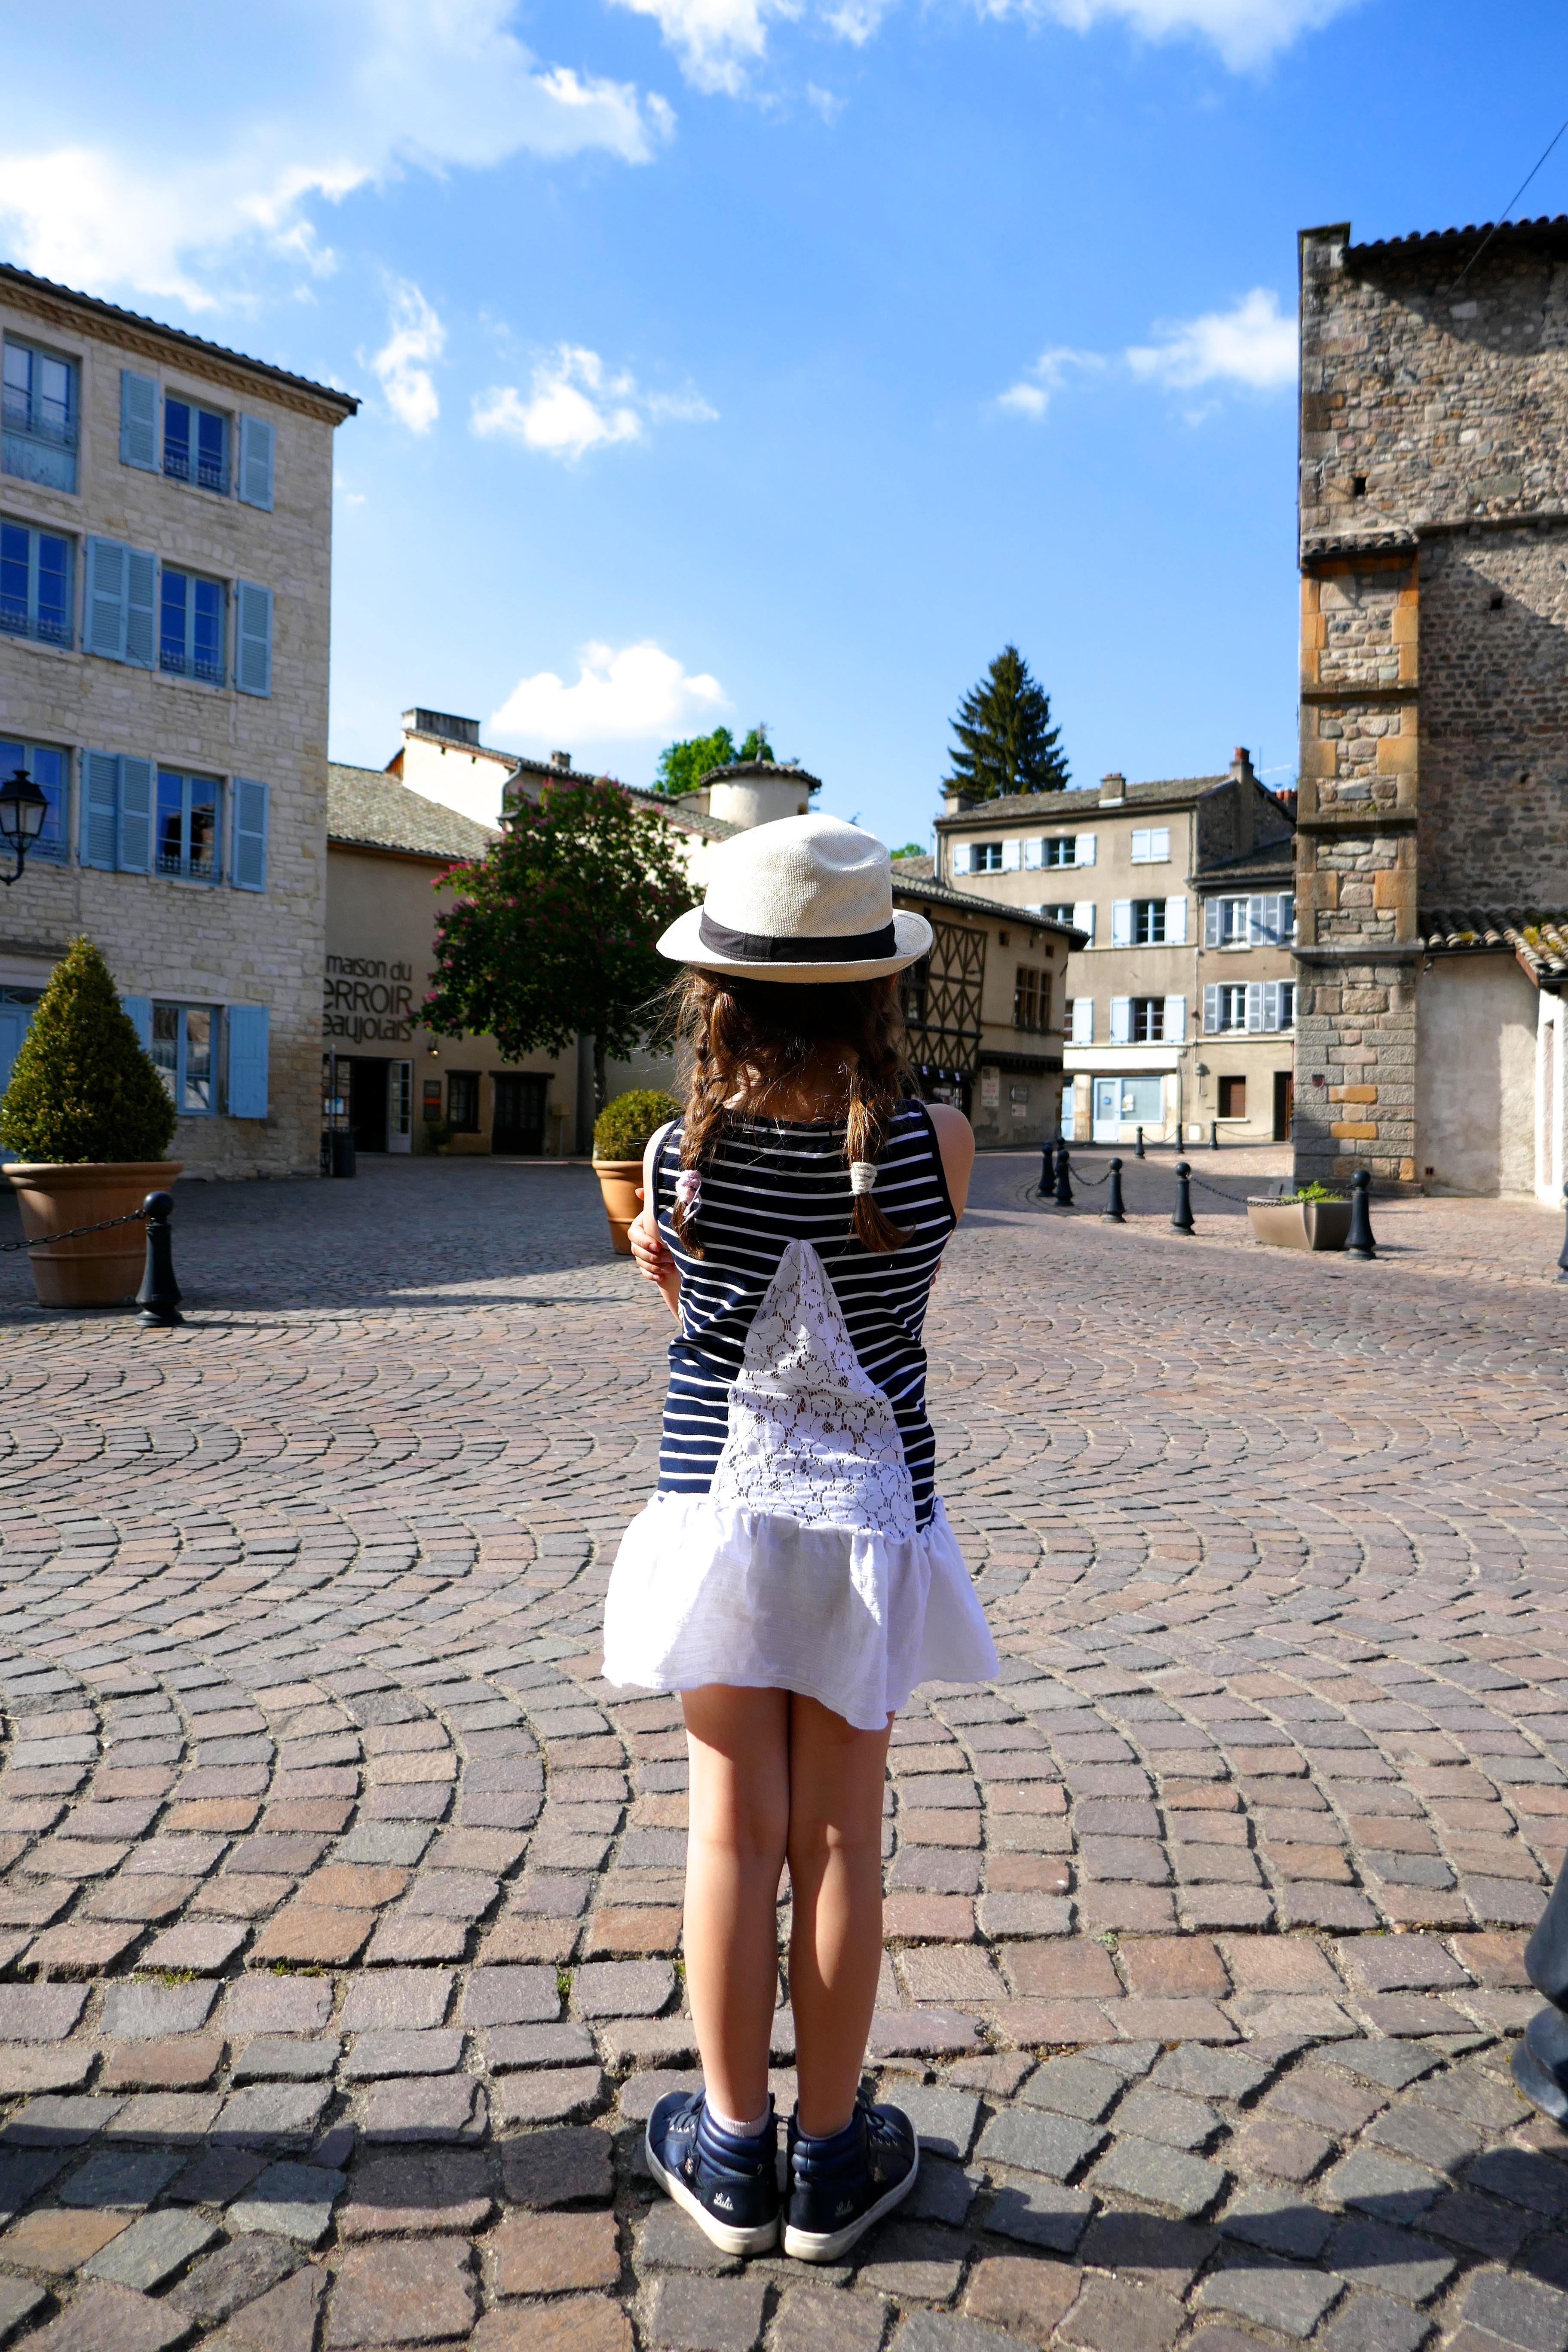 L'etape cavalière à Beaujeu blog de beaux lents